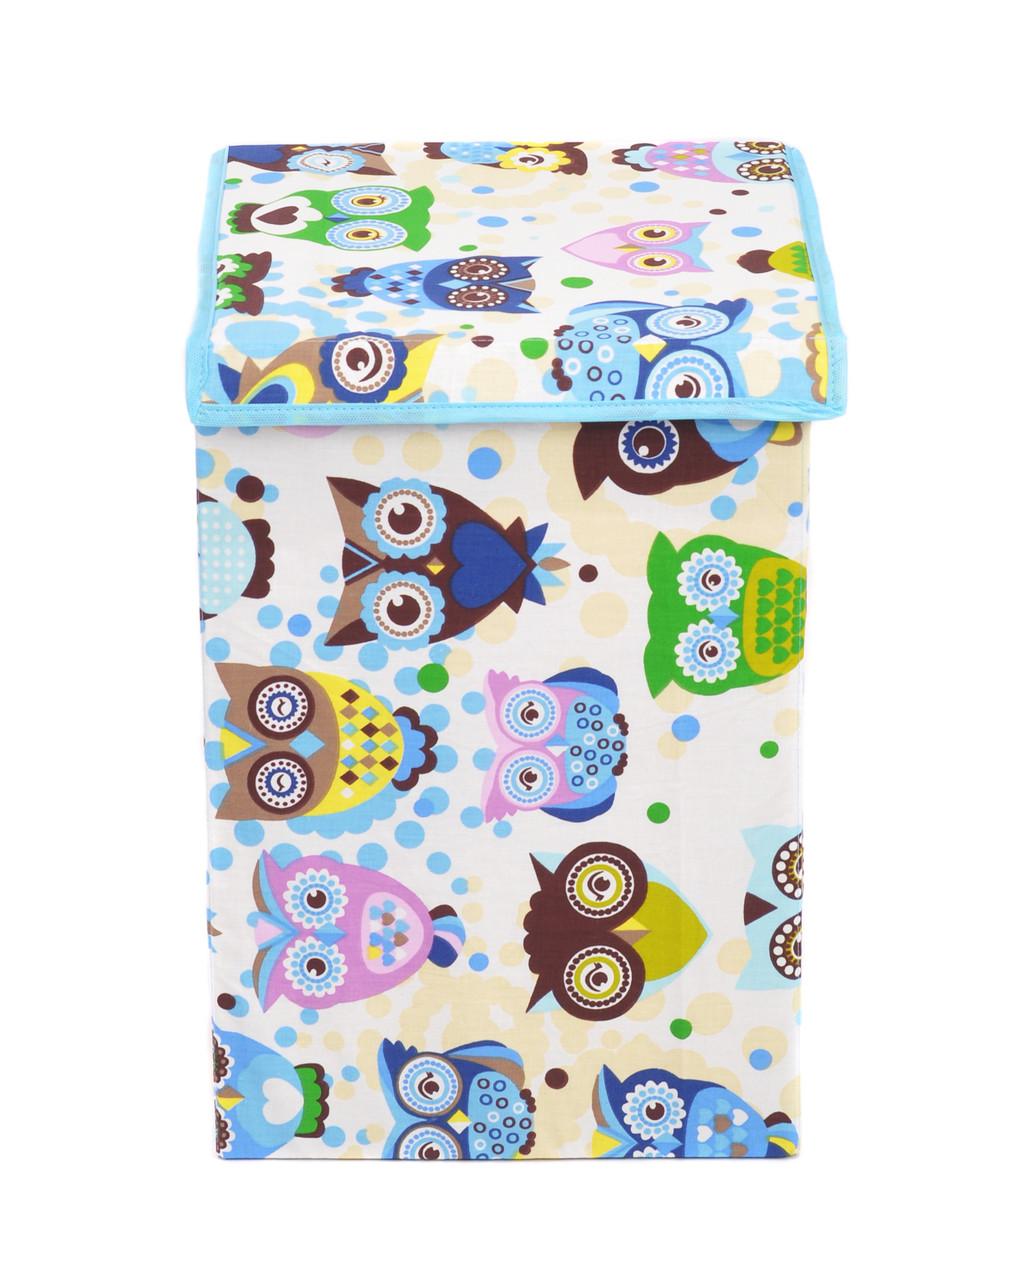 Ящик для зберігання іграшок, 35*35*55 см, (бавовна), Сови з синім ( з кришкою )